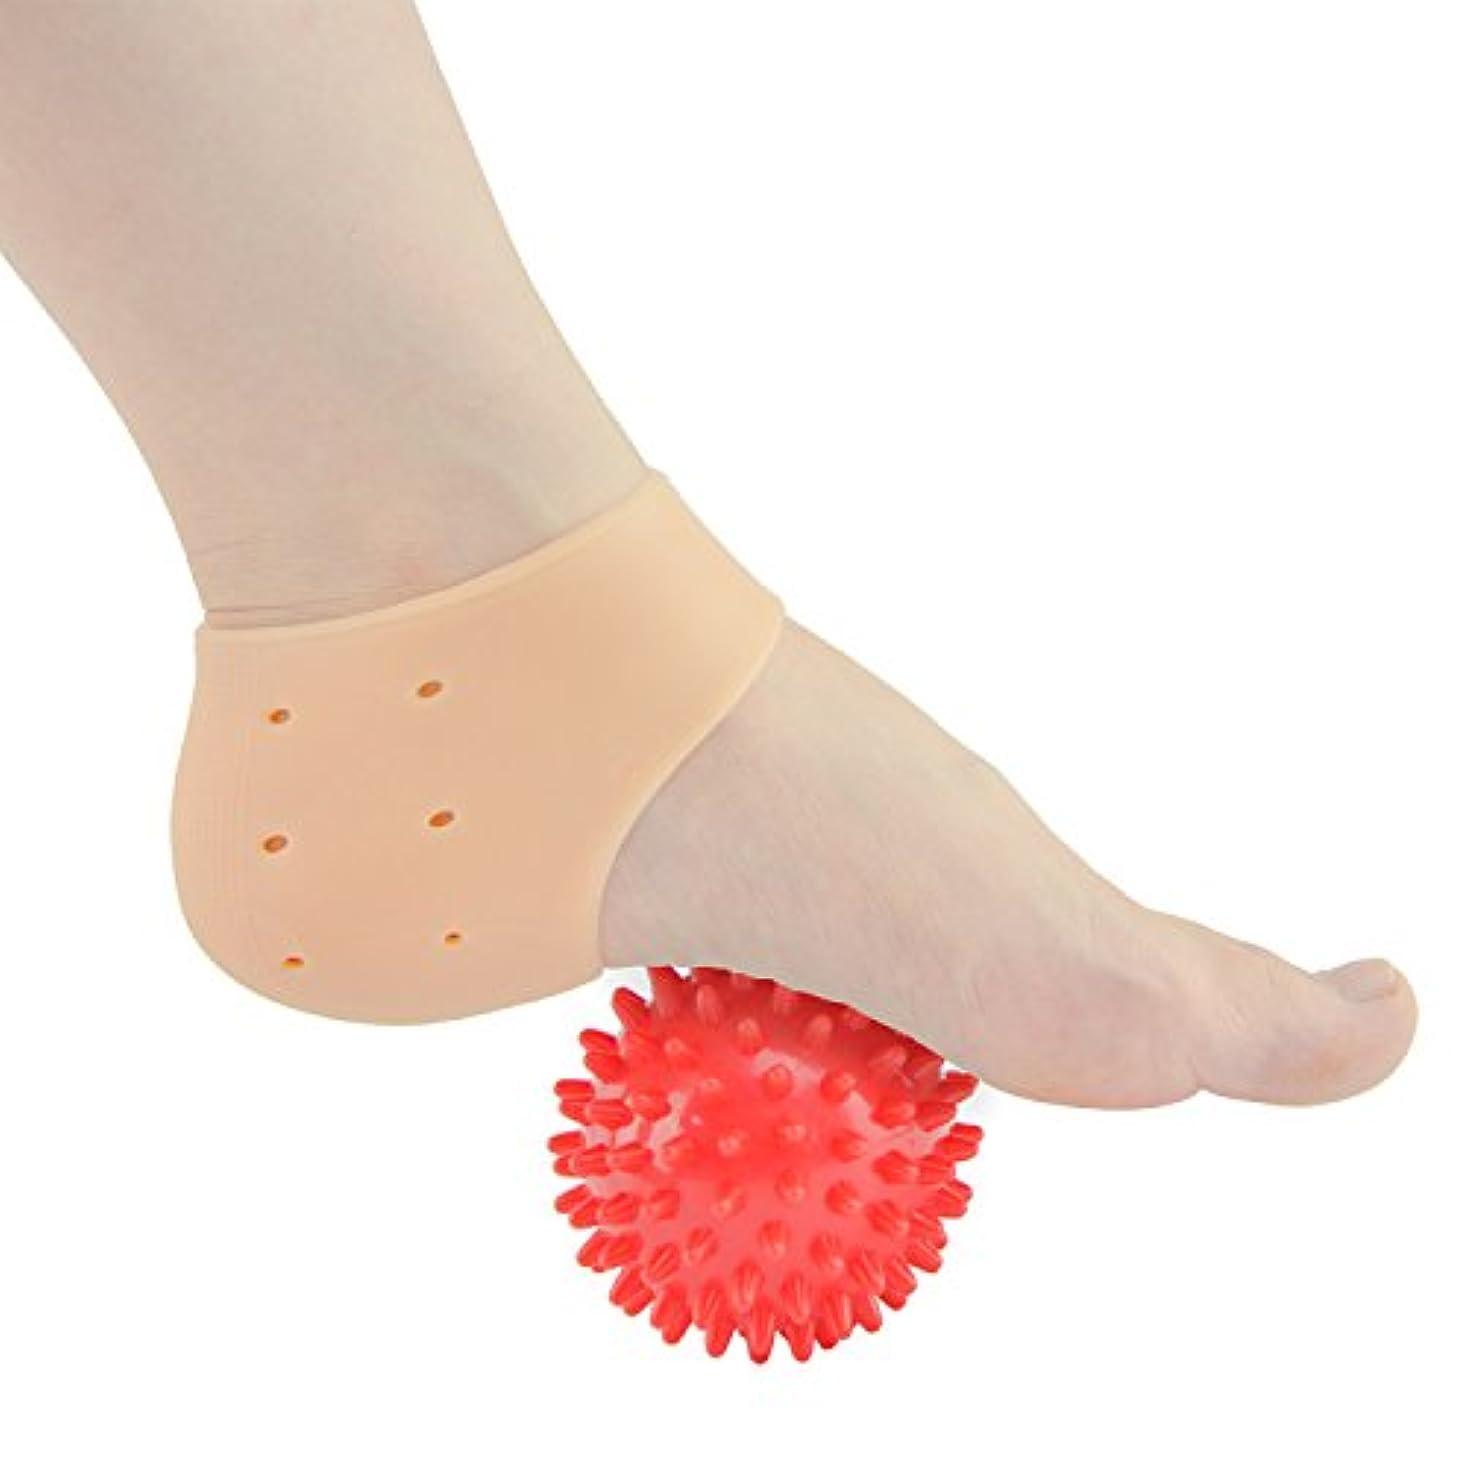 引き潮掘る出来事Sumifun かかと保護カバー, 足底筋膜炎治療ラップジェルスリーブフットマッサージ足痛み軽減 かかと痛サポーター 衝撃吸収 ジェルサポーター かかとケア 美足 保湿 かかと靴下